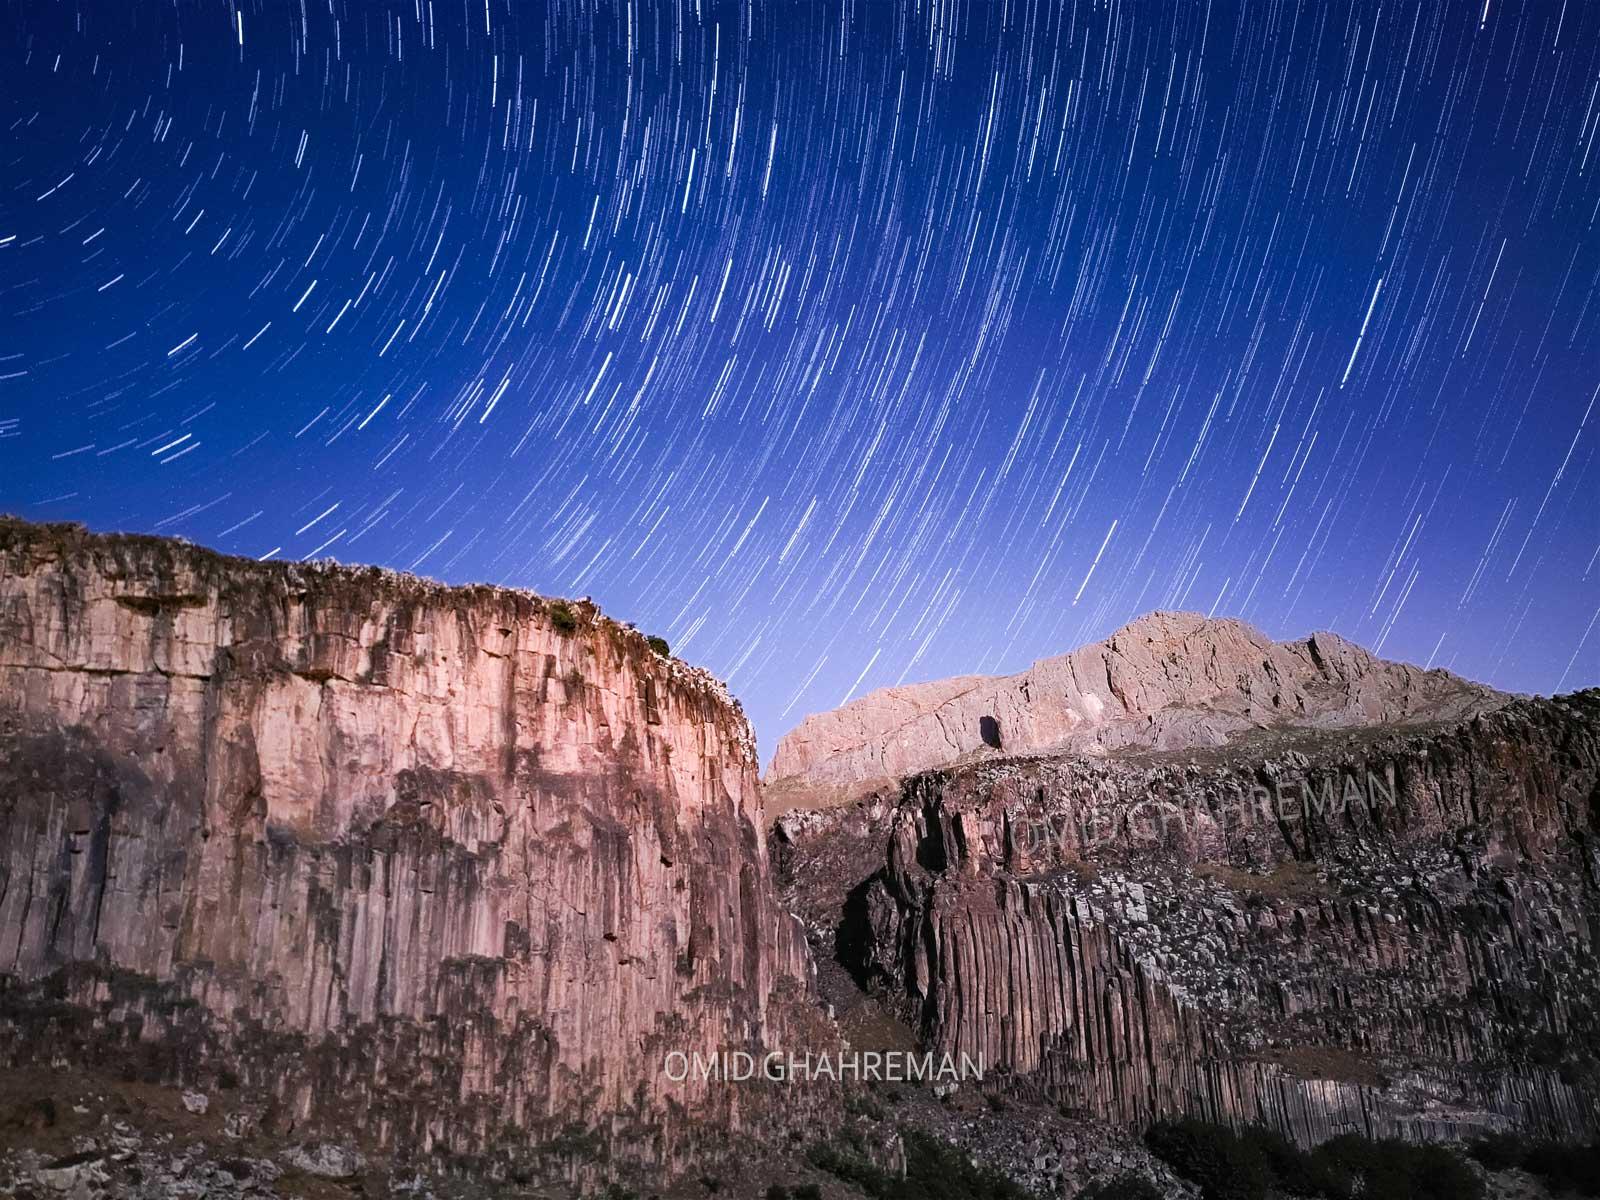 شب های دره قیرمیزیلیخ